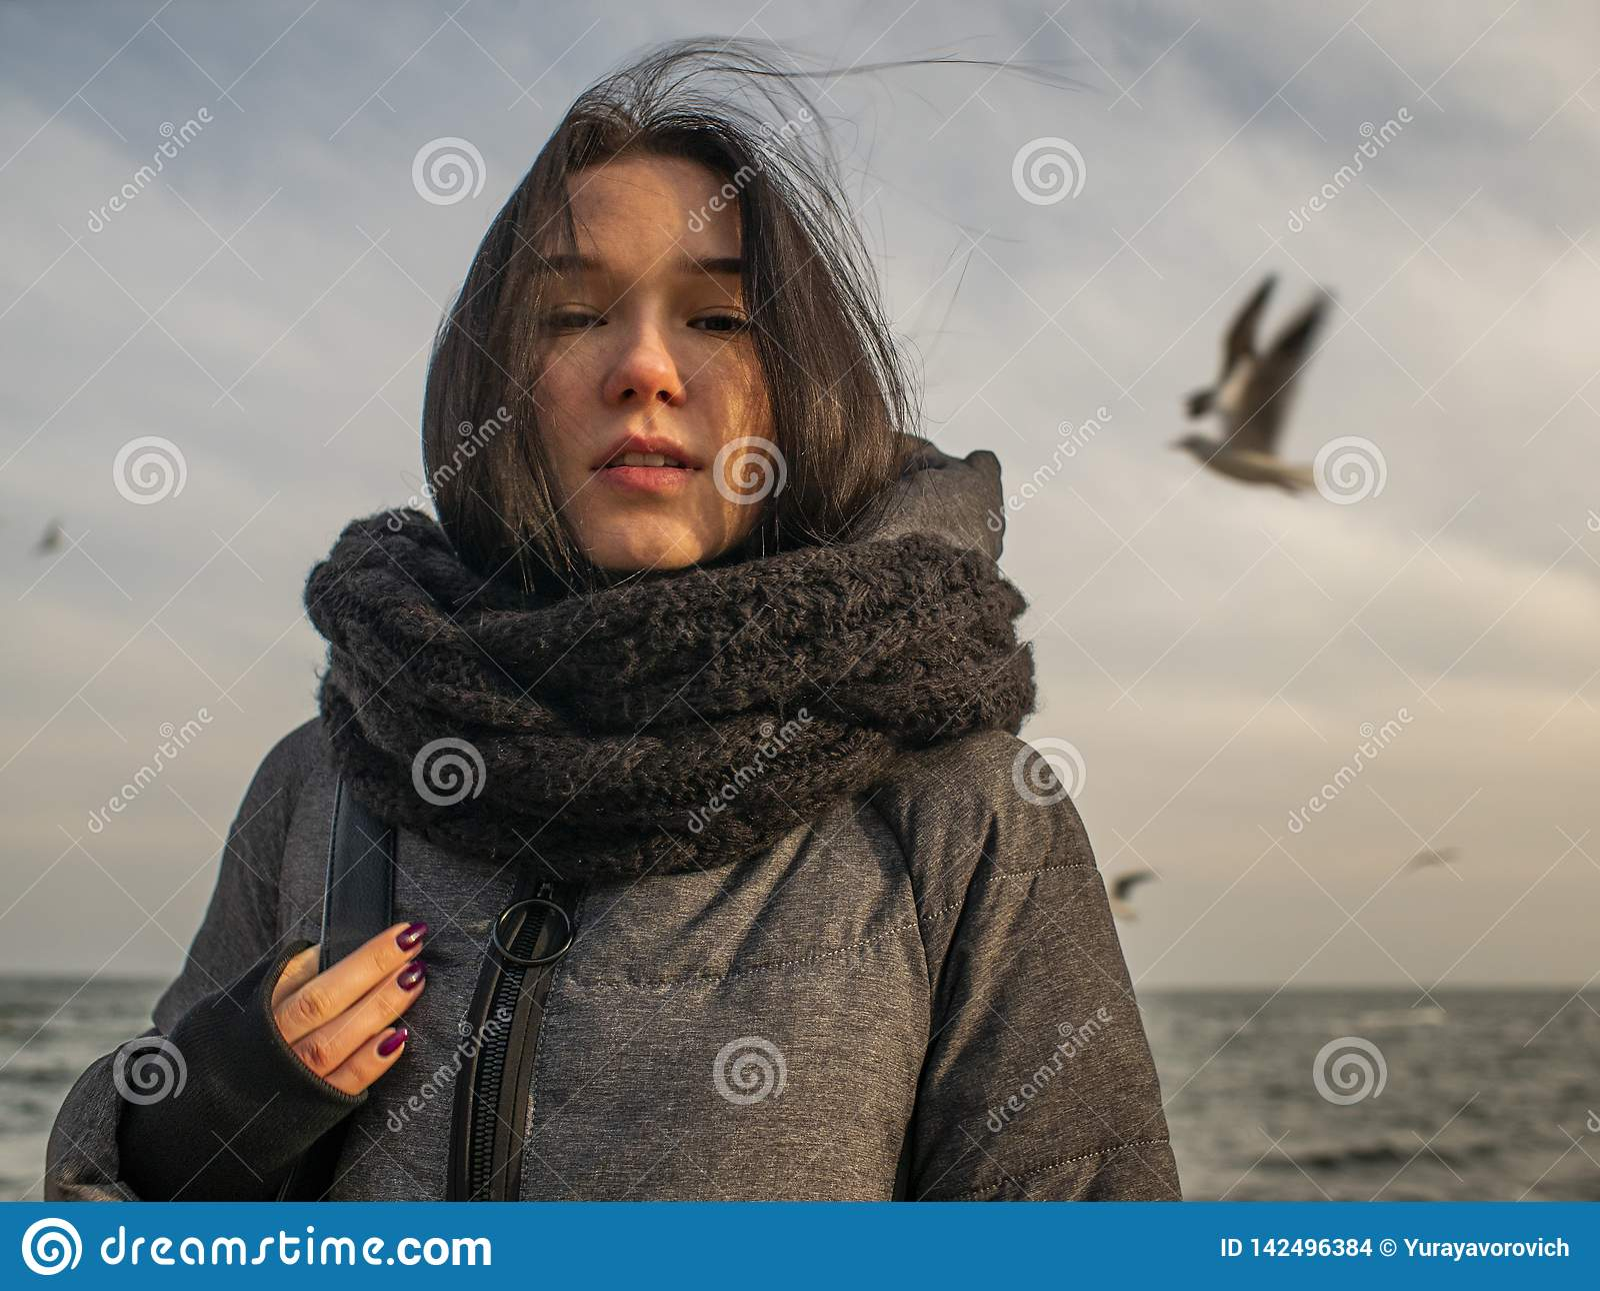 Portretten jong aantrekkelijk meisje op de achtergrond van het overzees, de hemel en de meeuwen